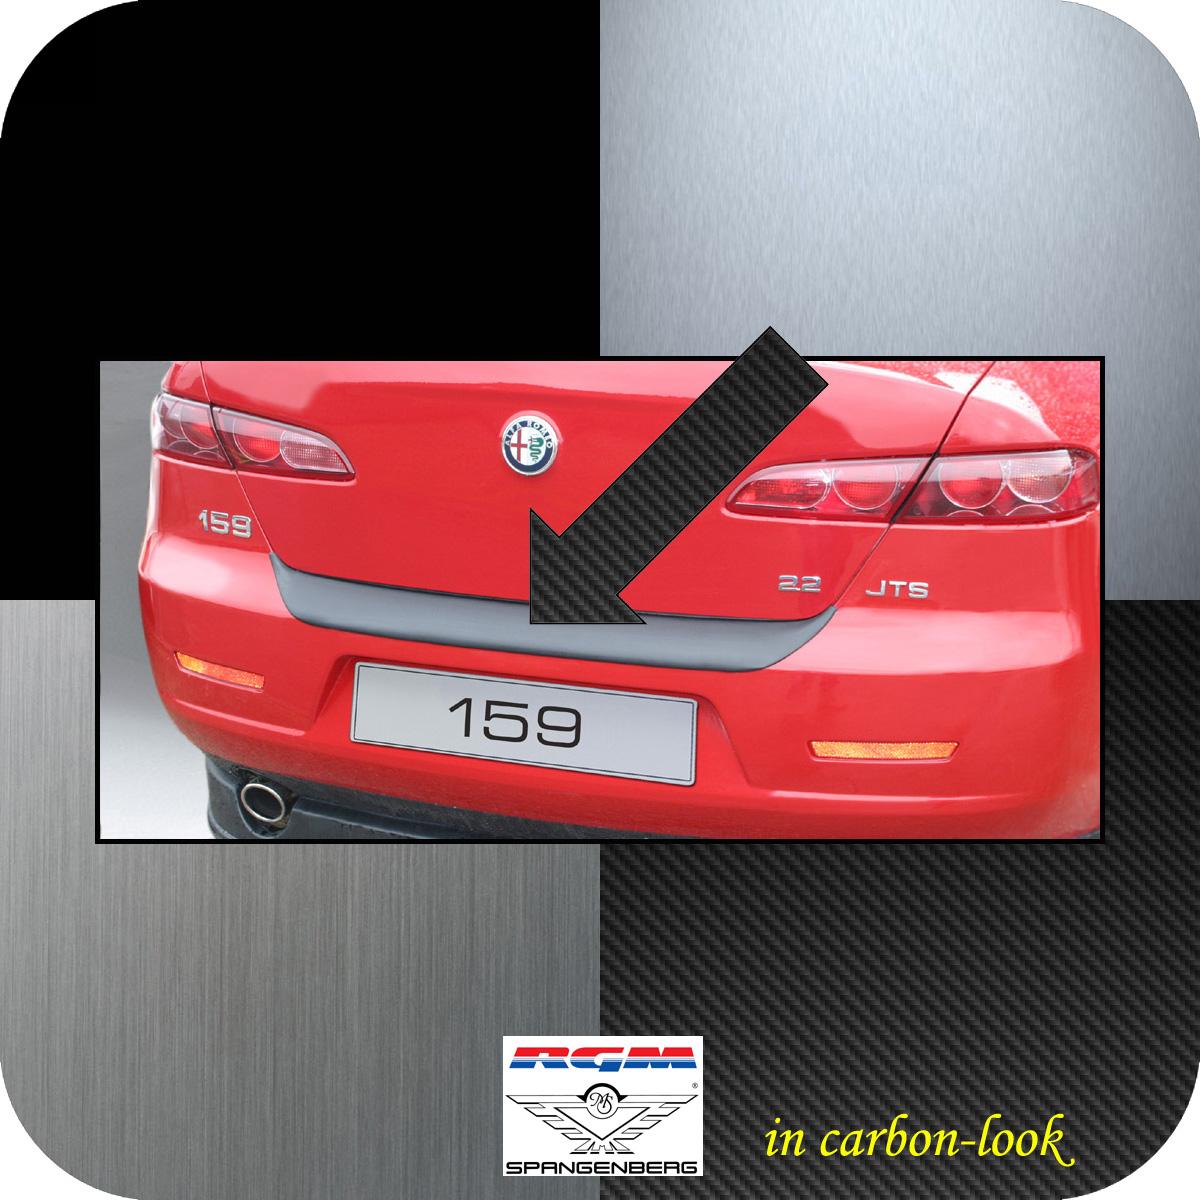 Ladekantenschutz Carbon-Look Alfa Romeo 159 Limousine 4-Türer 2005-11 3509131